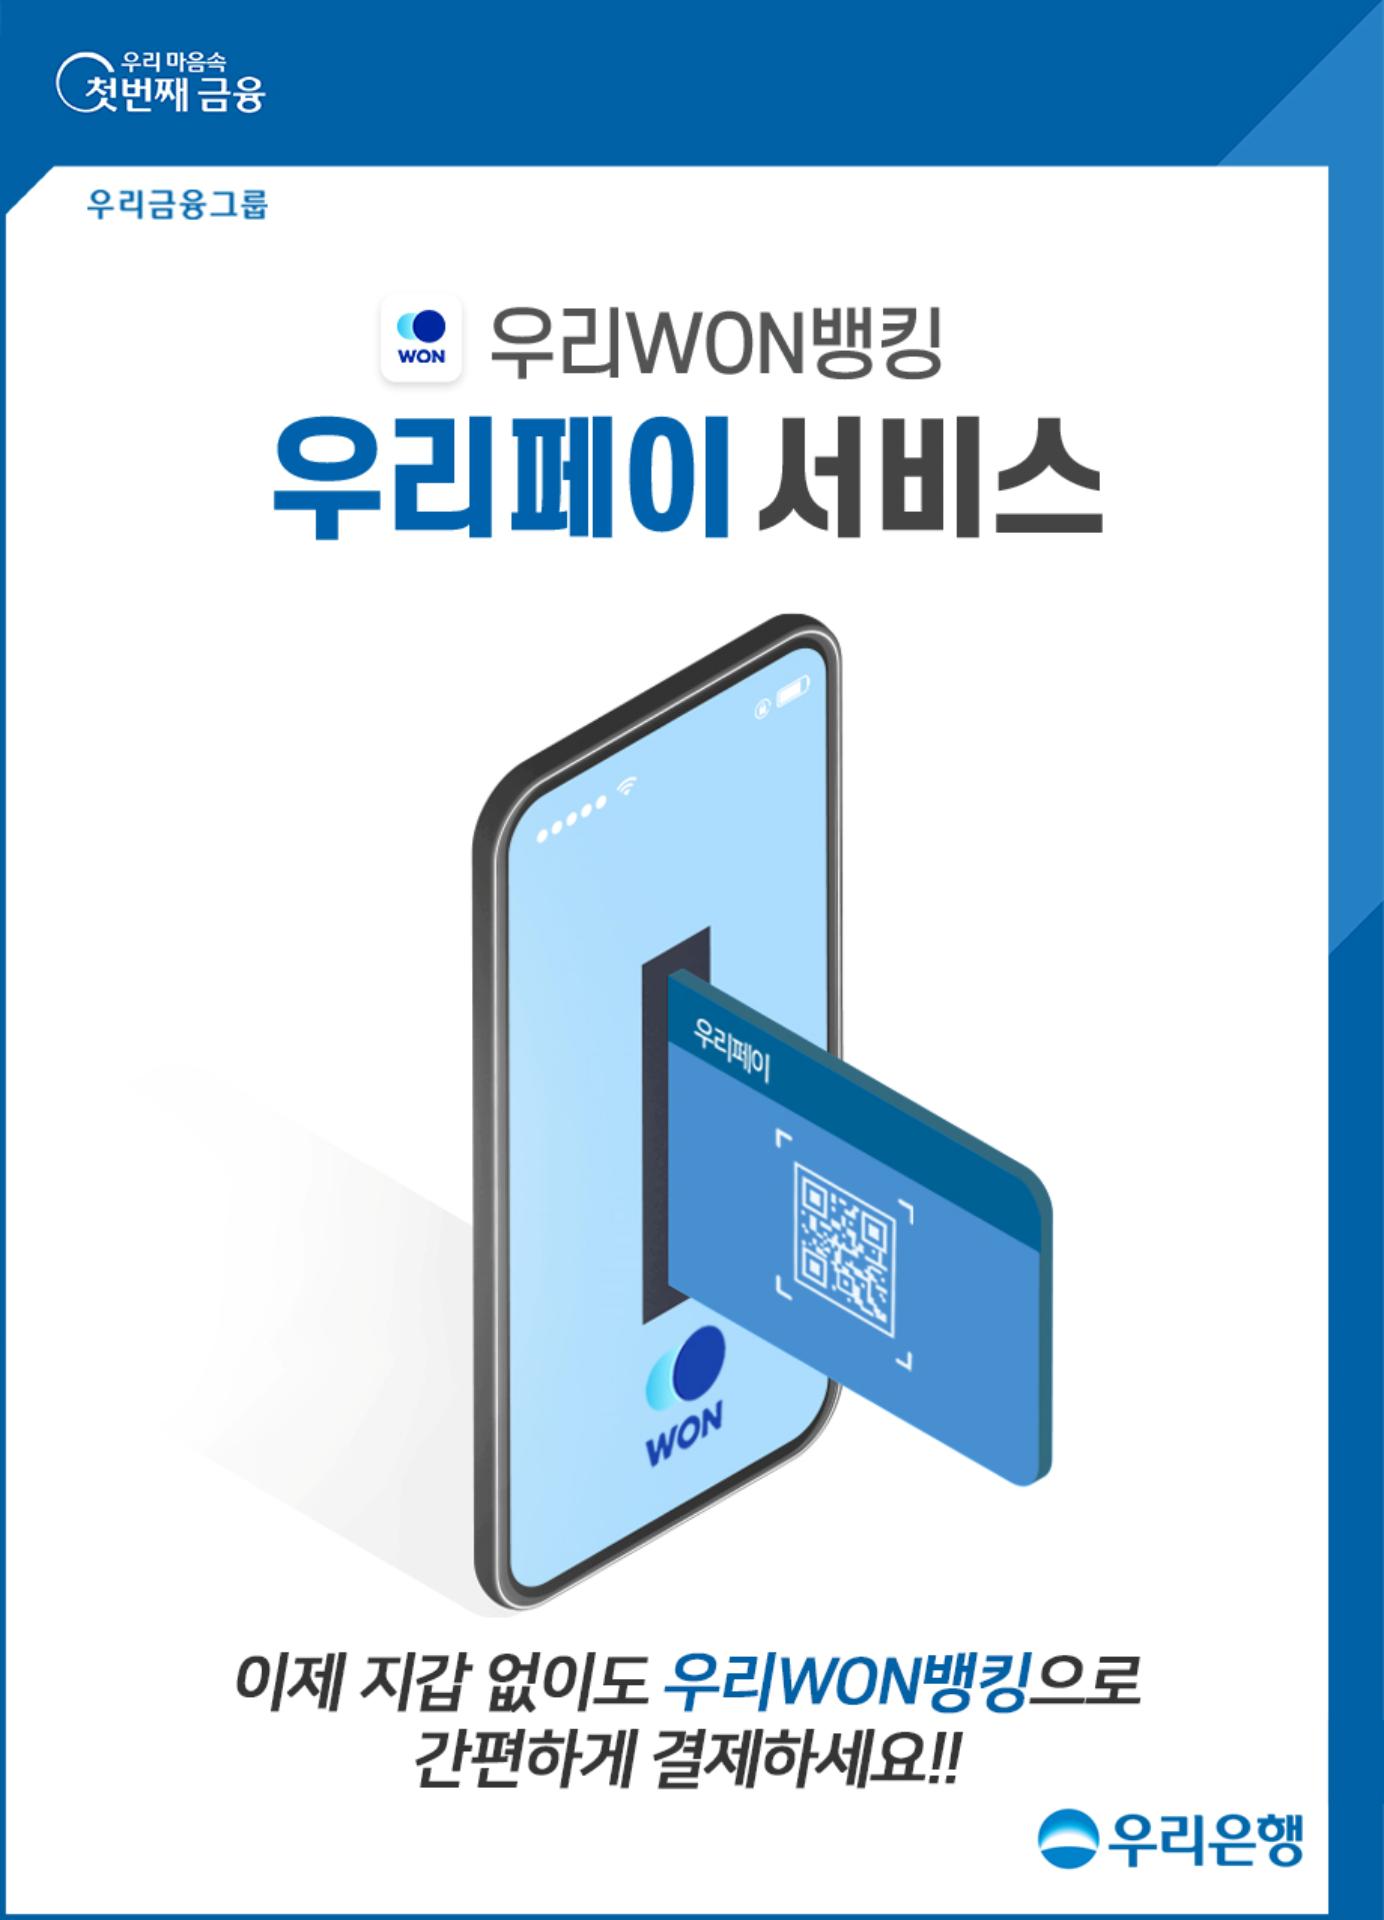 우리은행은 애플리케이션(앱) '우리WON뱅킹'에서 우리카드가 제공하는 우리페이 간편결제 서비스를 도입한다./사진=우리은행